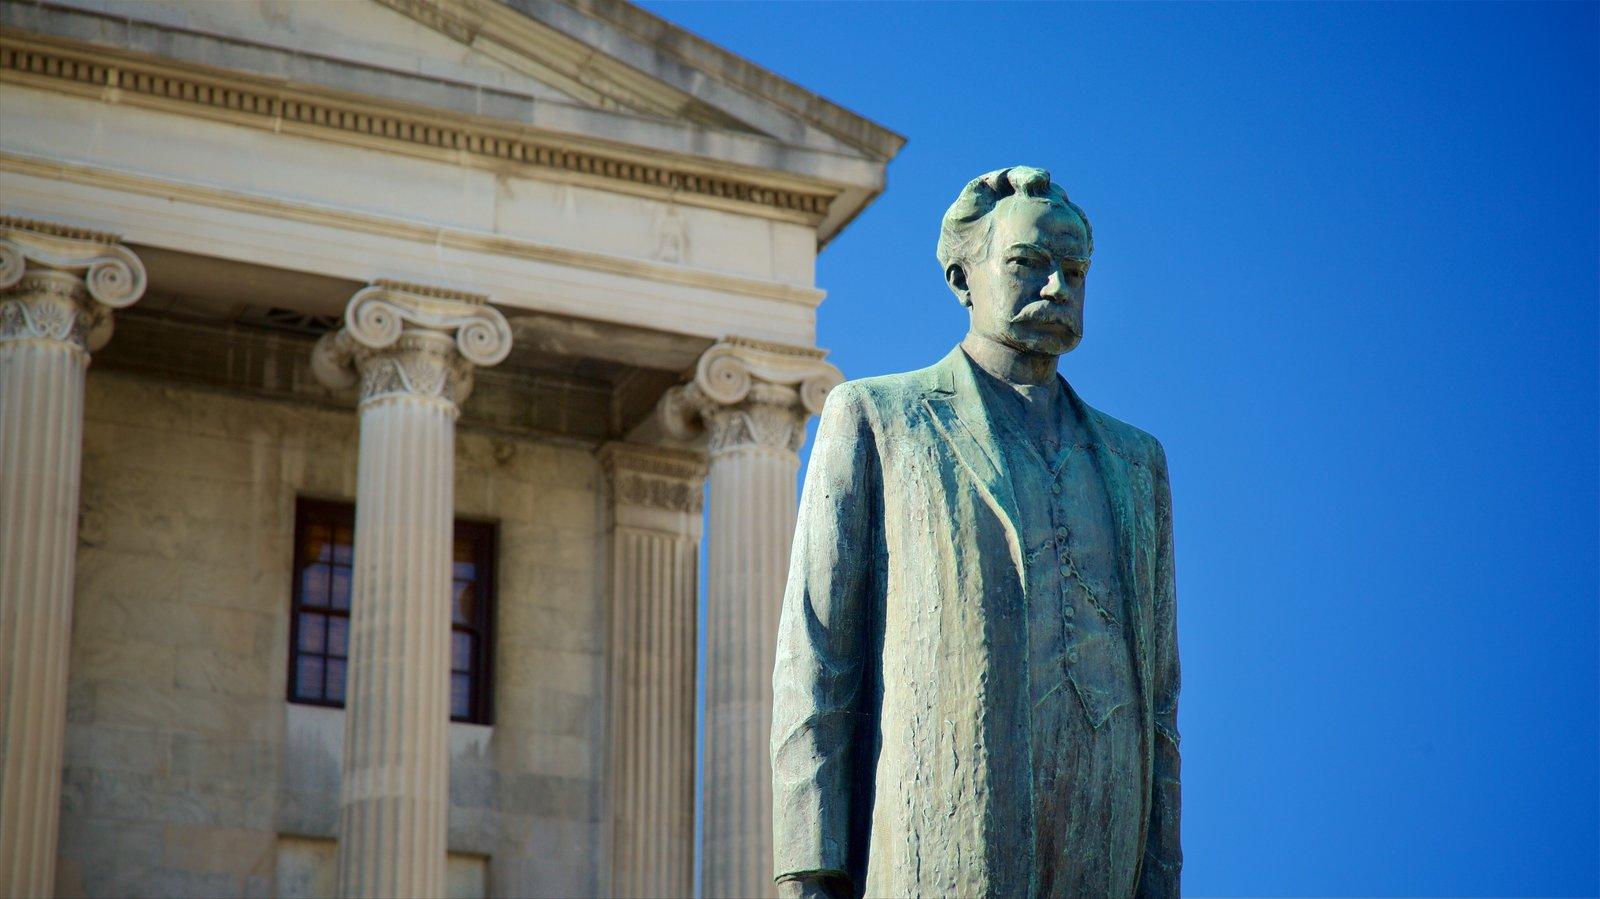 Tennessee State Capitol que incluye elementos del patrimonio y una estatua o escultura